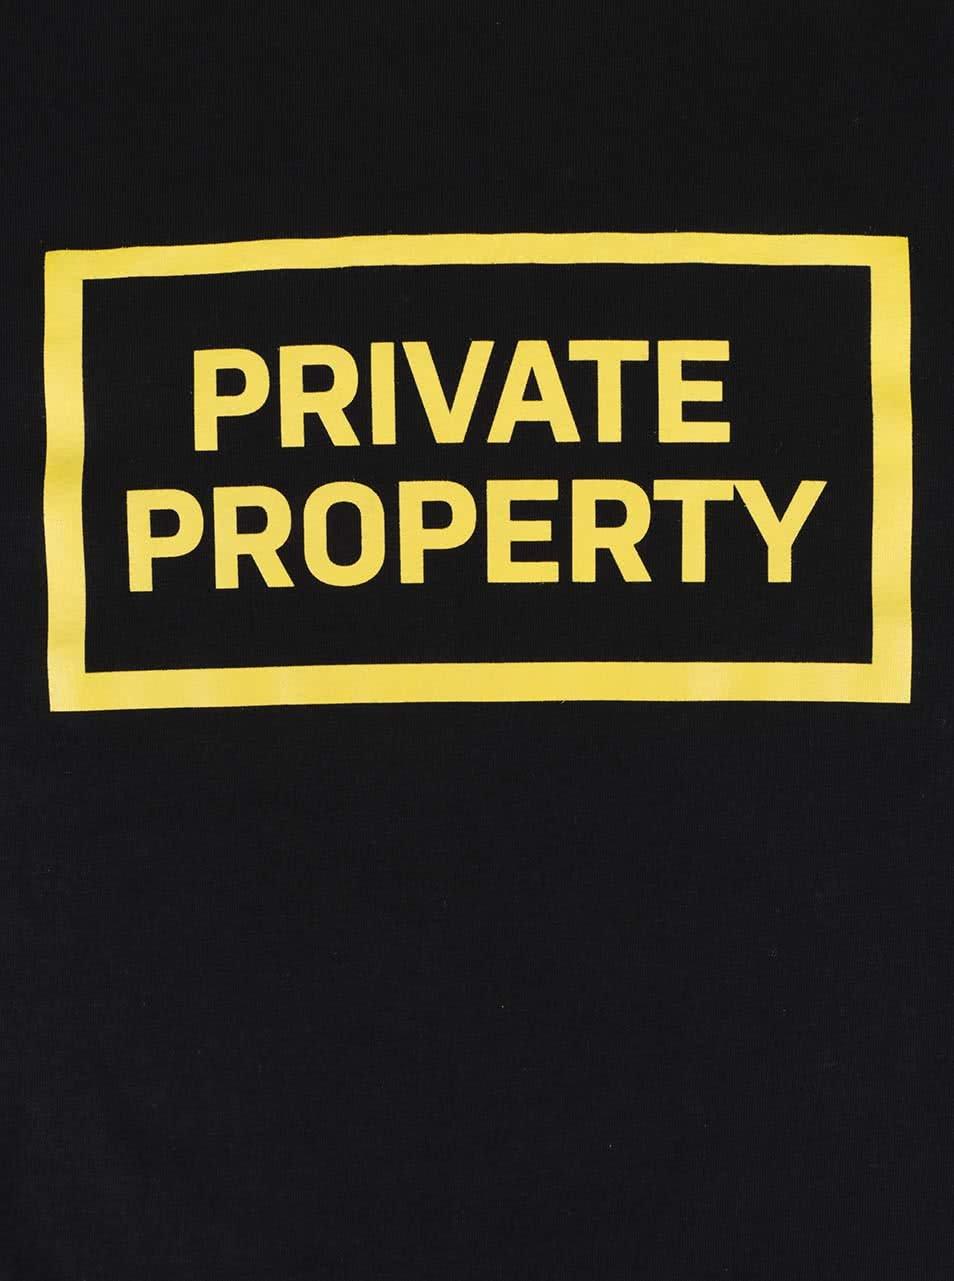 odpaneni holky na privat